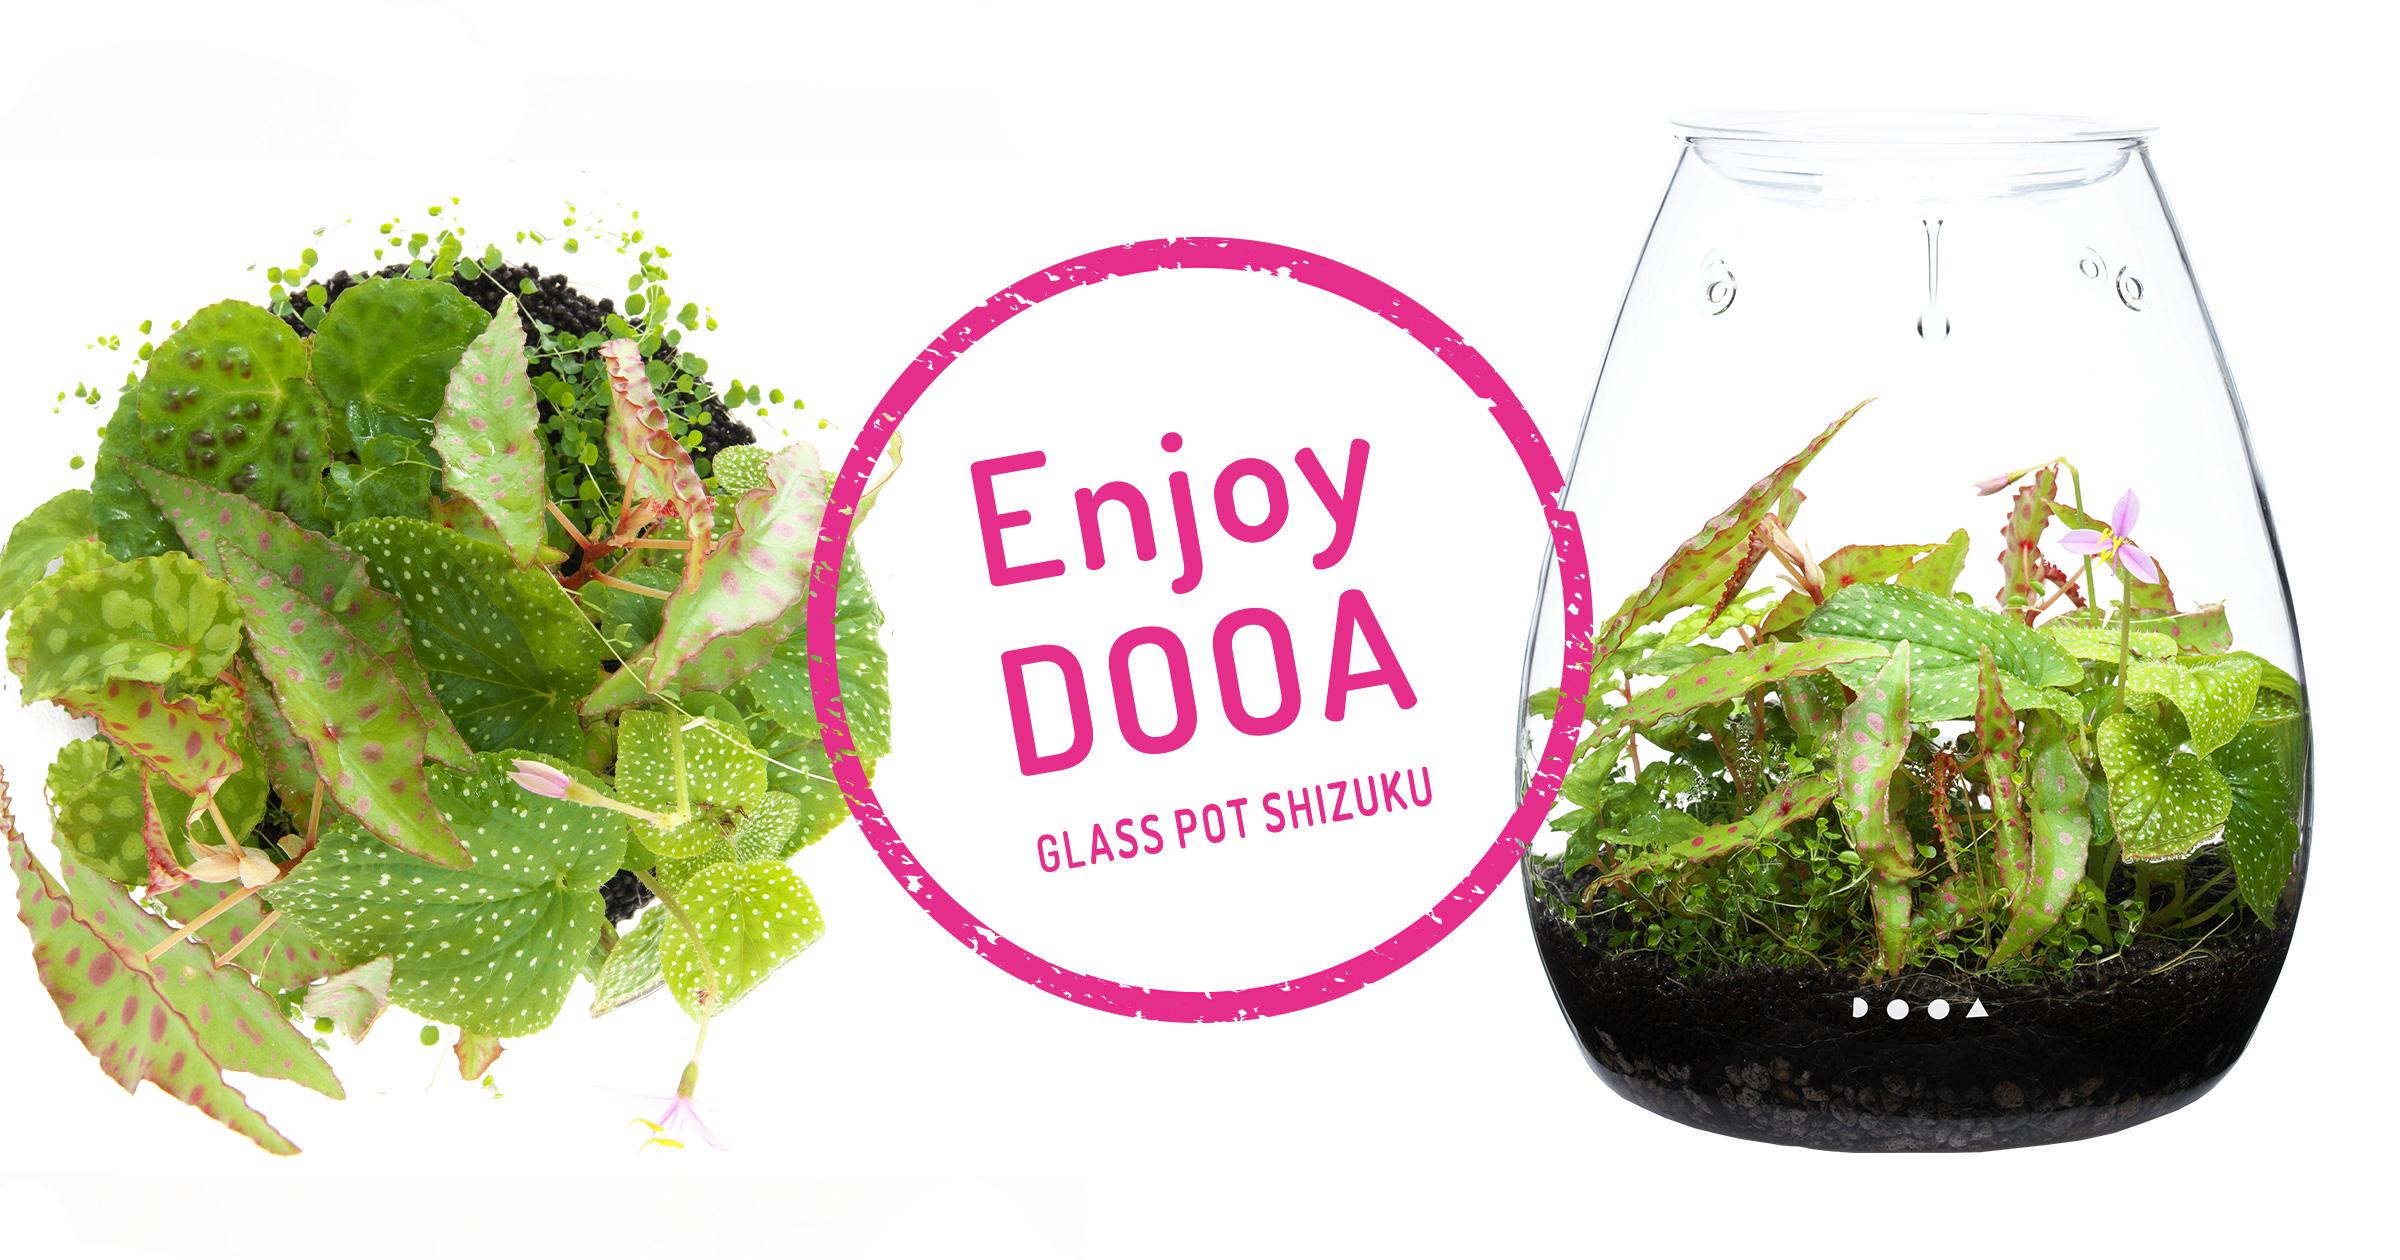 Enjoy DOOA「多湿環境を好むエキゾチックな熱帯植物を楽しむ」